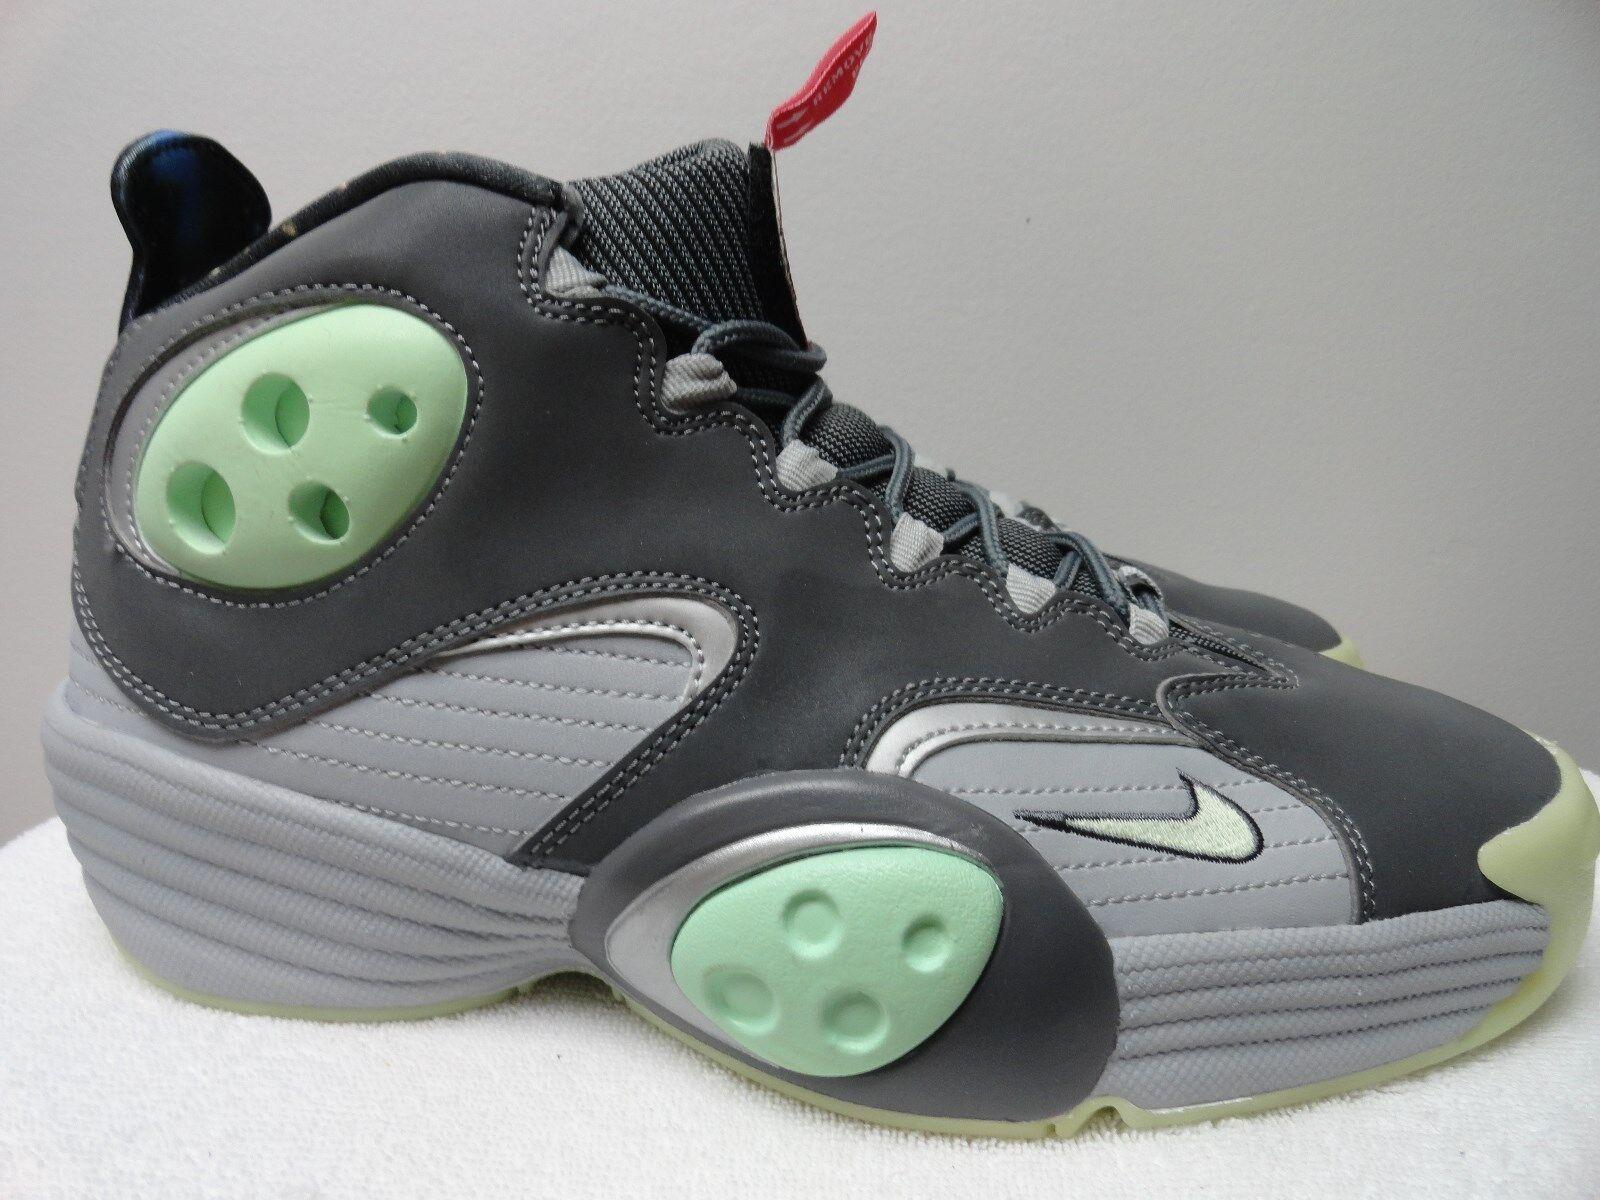 Nike flight one NRG size 9.5